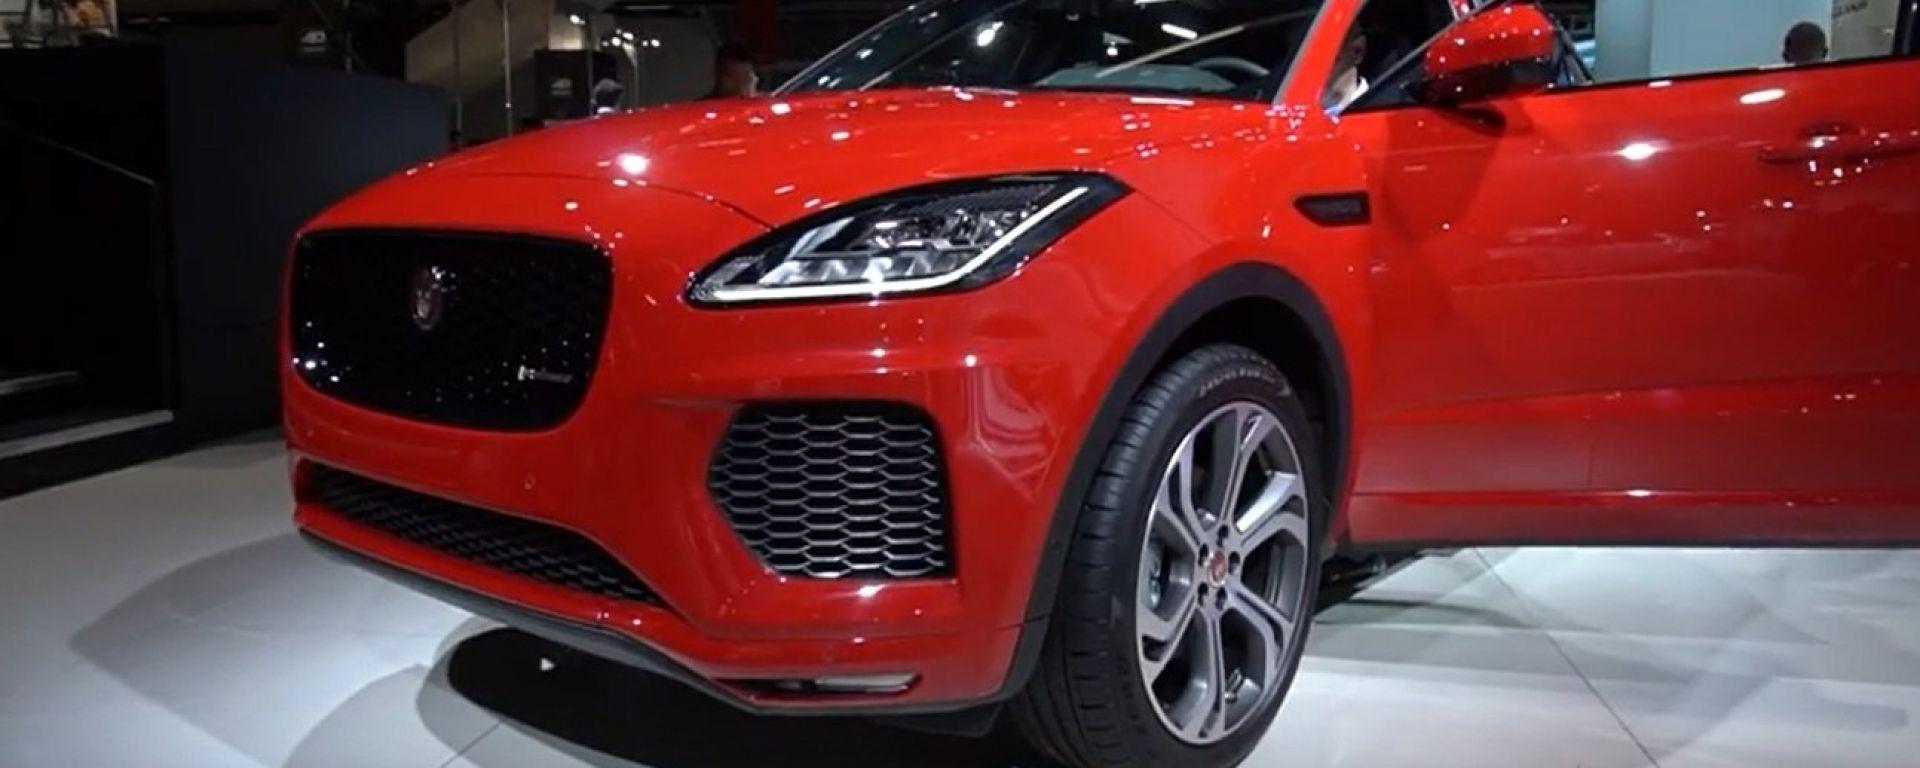 Jaguar E Pace 2018 Dimensioni Motori Prezzo Interni